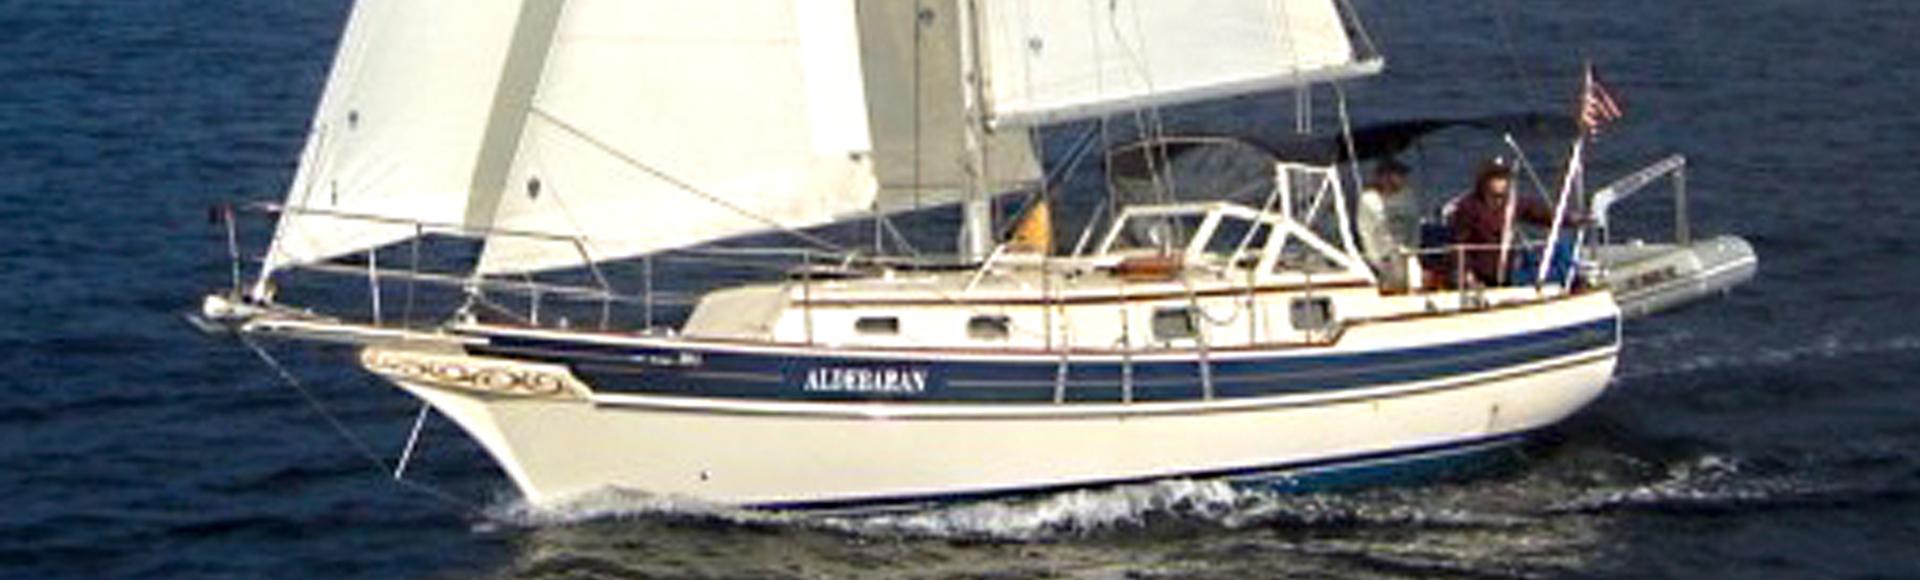 """SOLD Summer 2021 – 1997 Gozzard 31 Hull #16 """"Aldebaran"""""""